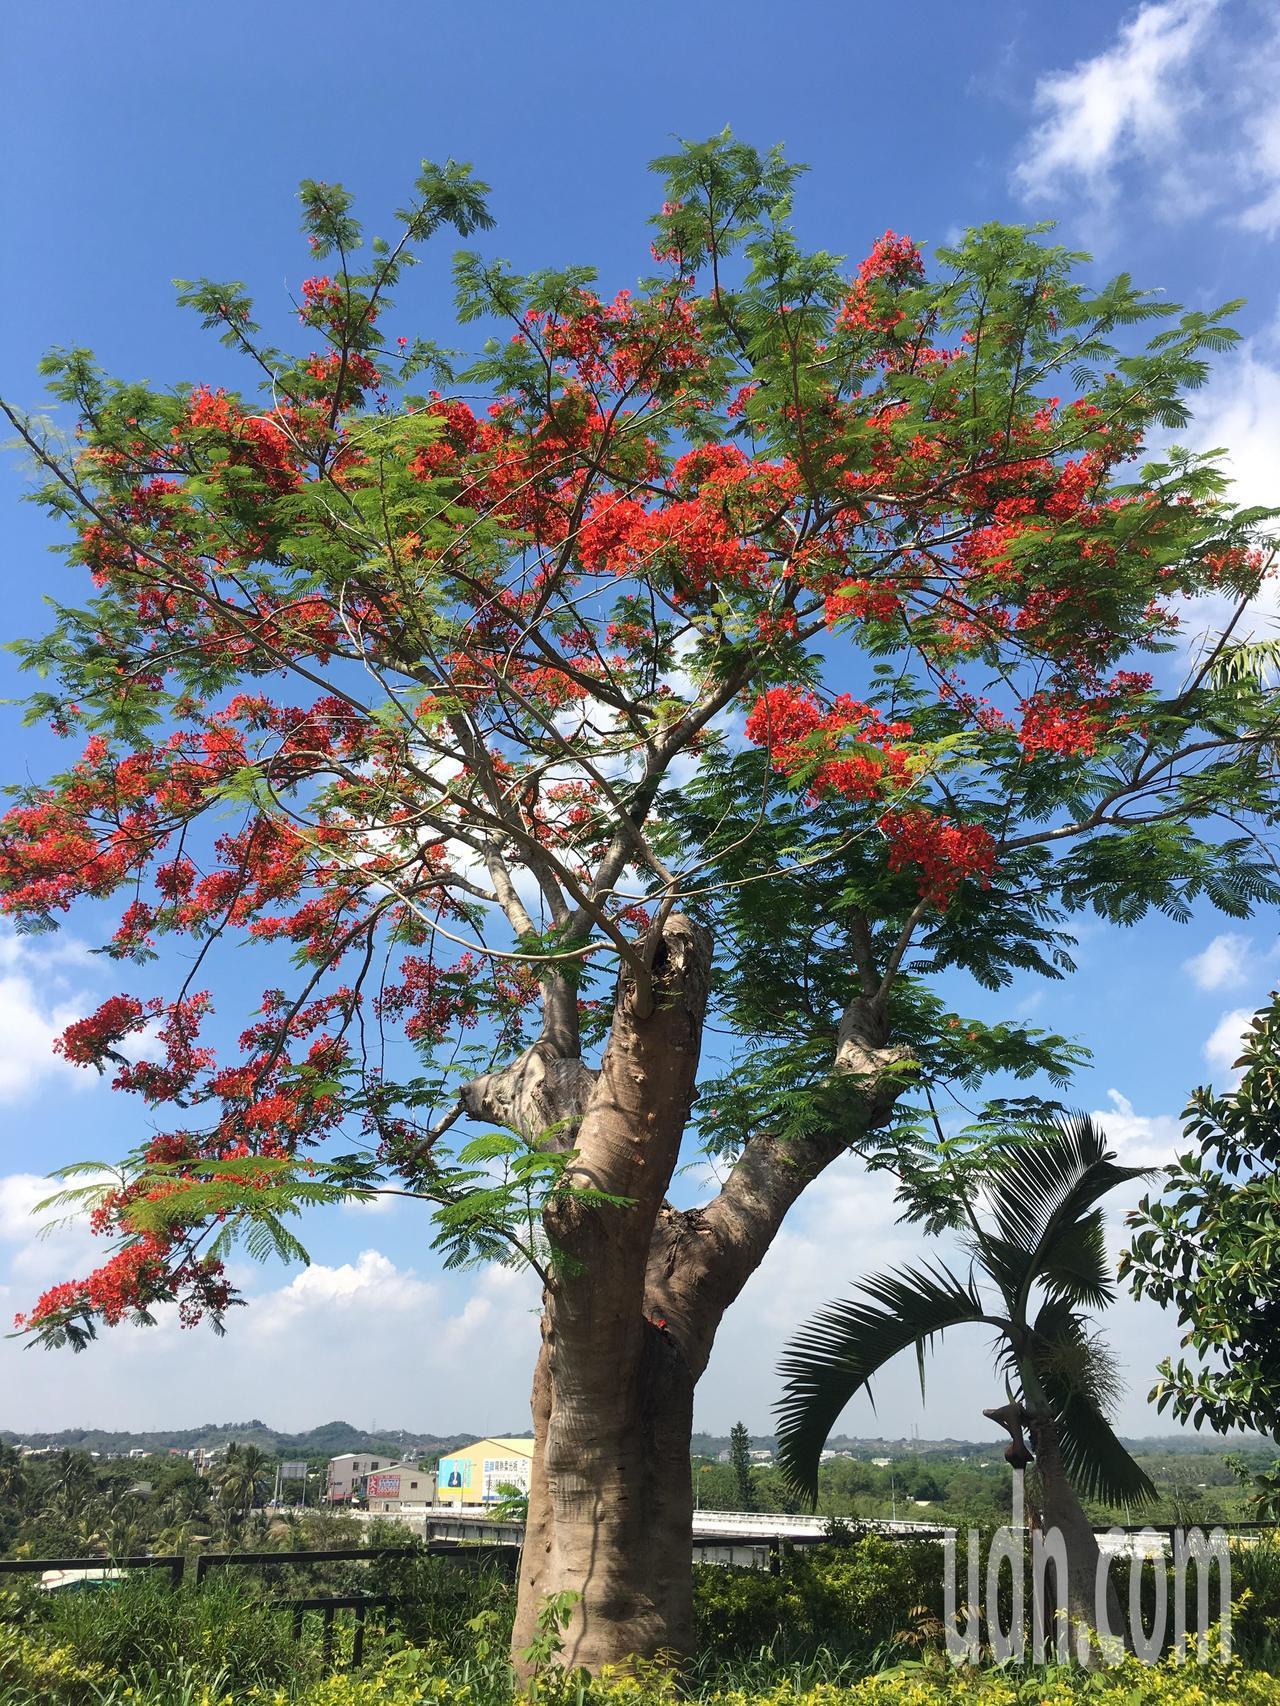 台南市玉井警分局後方停車場的鳳凰木,又稱「莫拉克樹」,當年被連根拔起,如今奇蹟重...